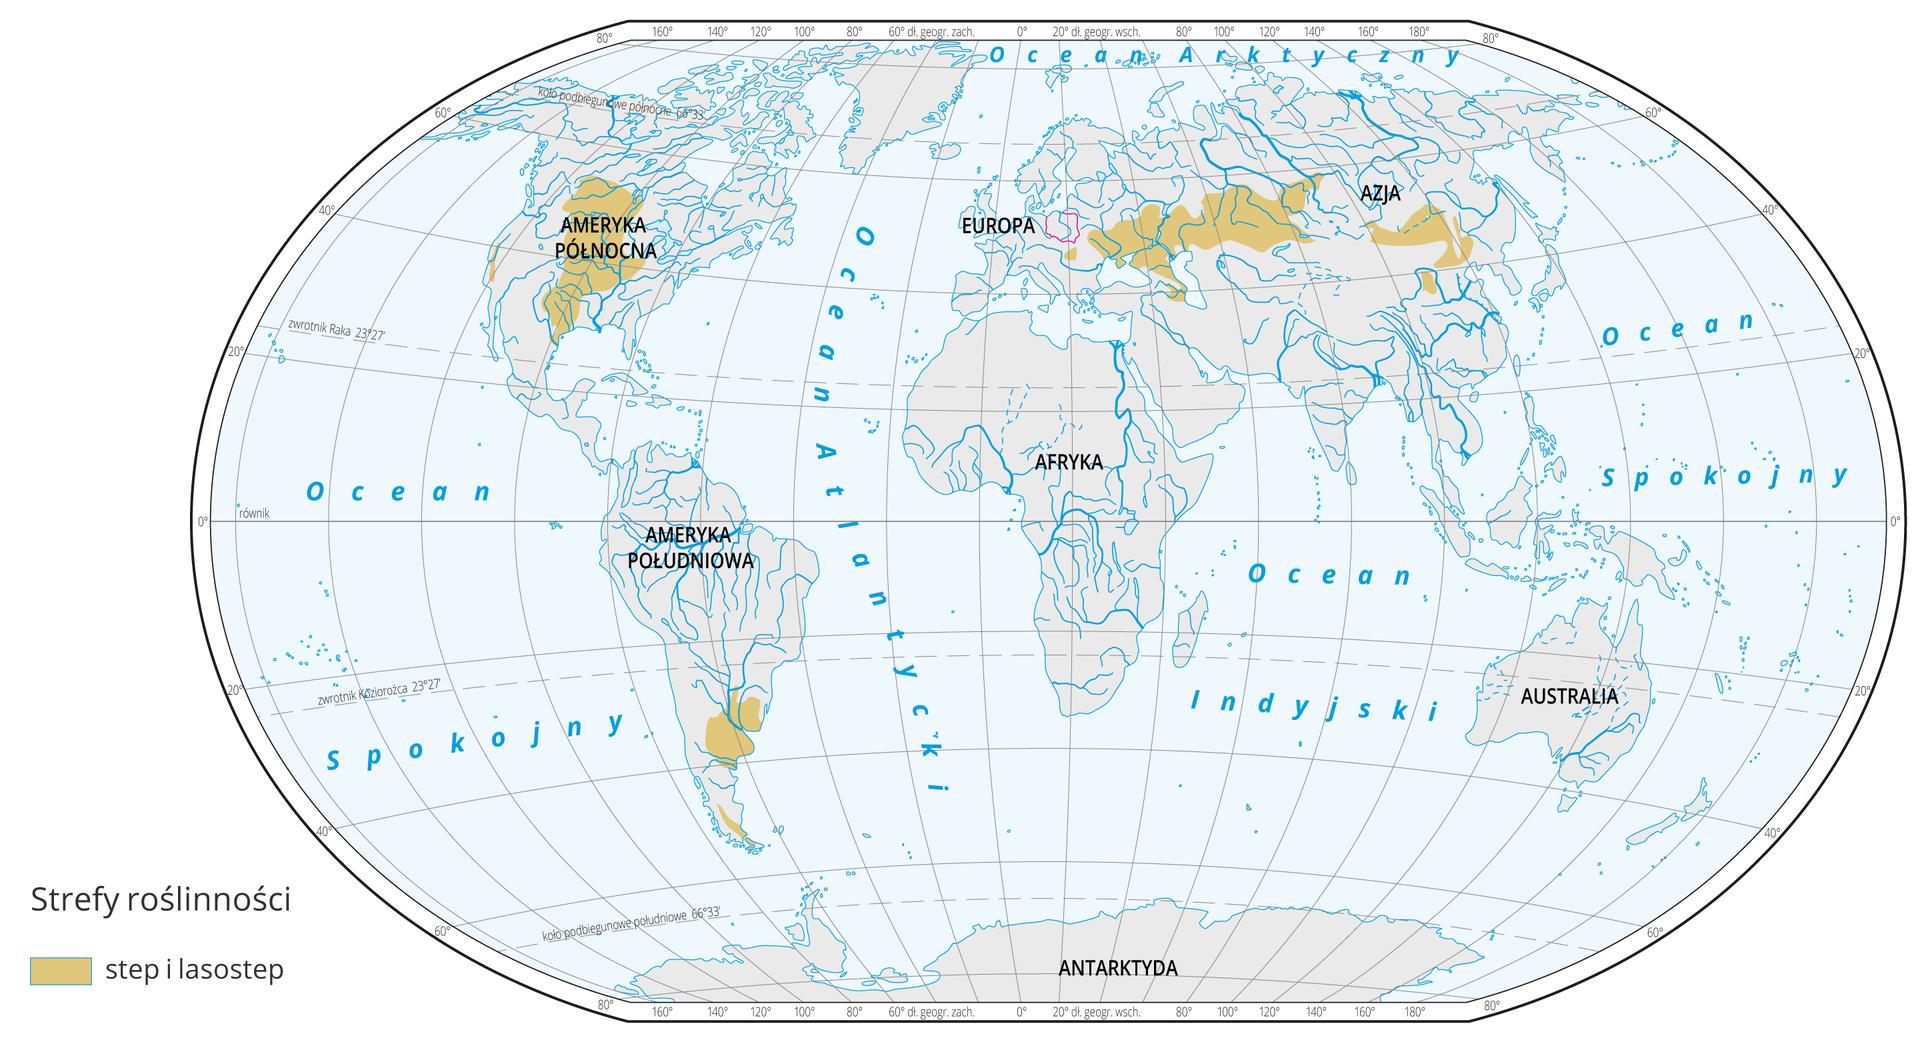 Mapa świata prezentuje występowanie stepu ilasostepu na Ziemi. Step ilasostep oznaczono kolorem brązowym na mapie. Step występują w: Środkowej Europie, Europie Południowo-Wschodniej, Azji Środkowej, Środkowej Ameryce Północnej, Ameryce Południowej.